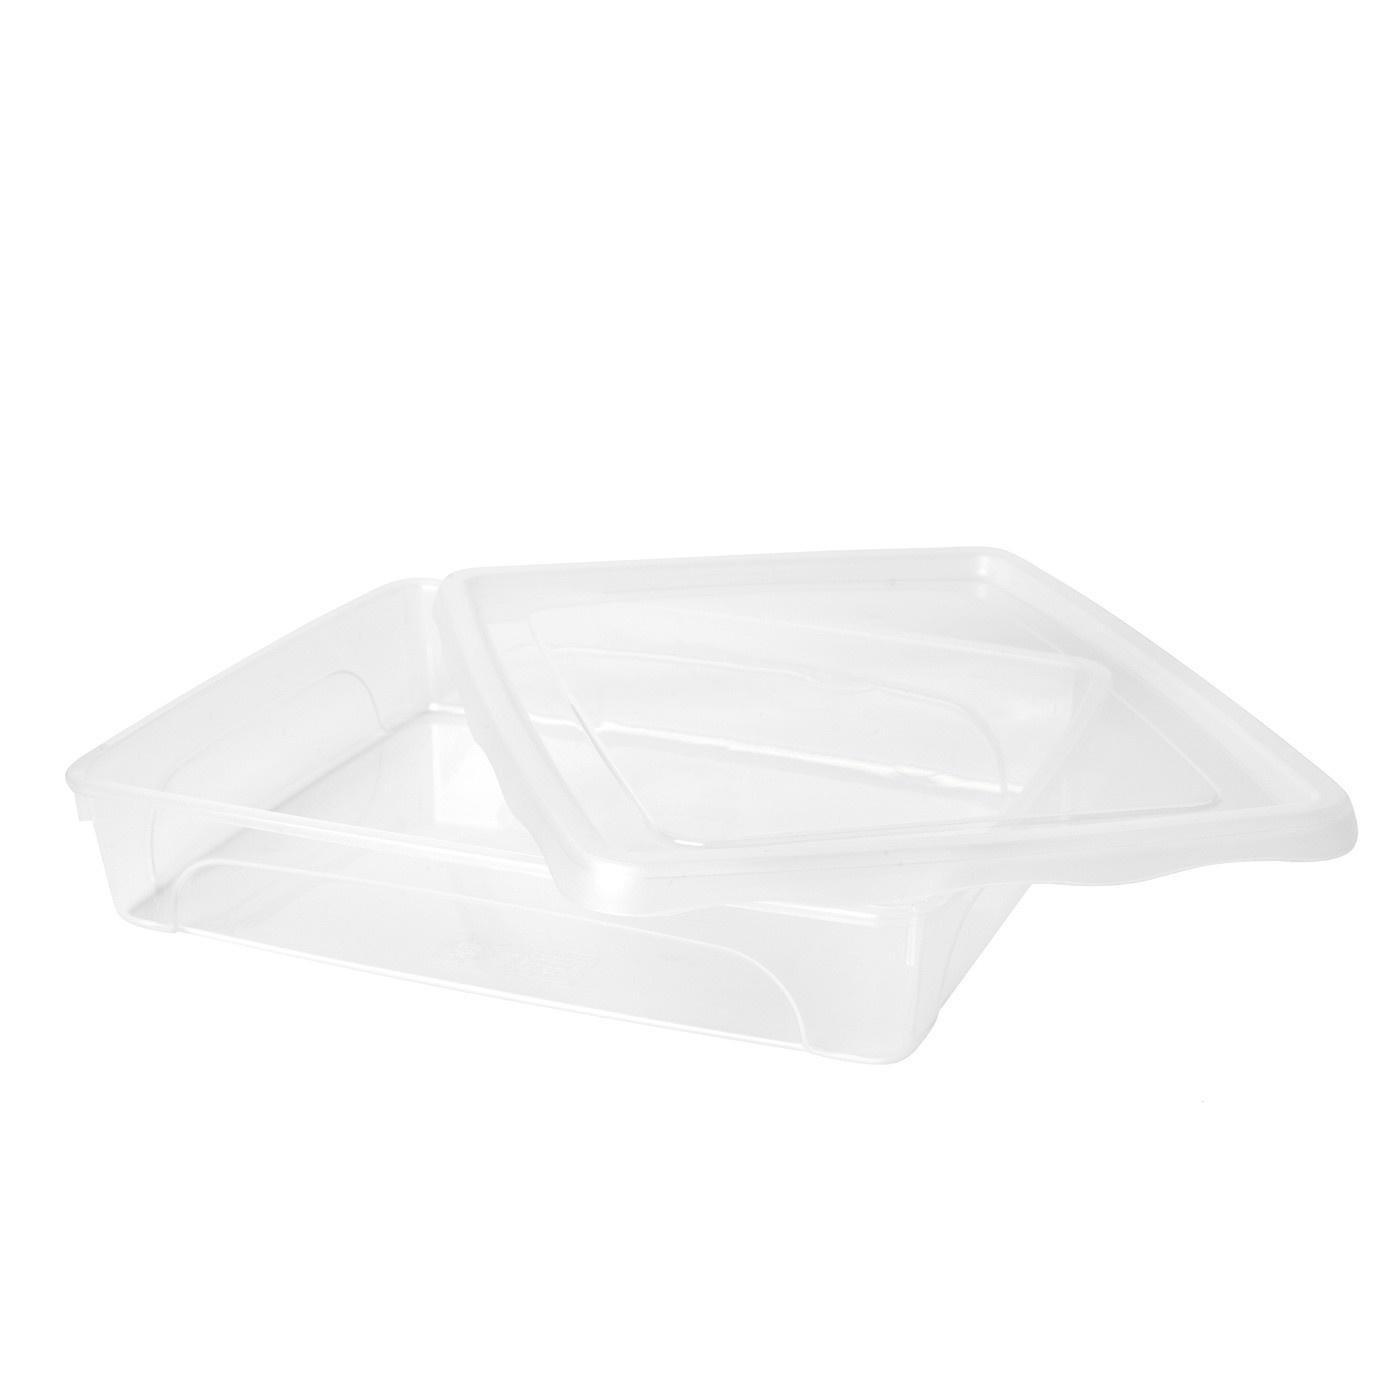 Obdĺžnikový plastový box s vekom Hega 1,5 l megamix.sk